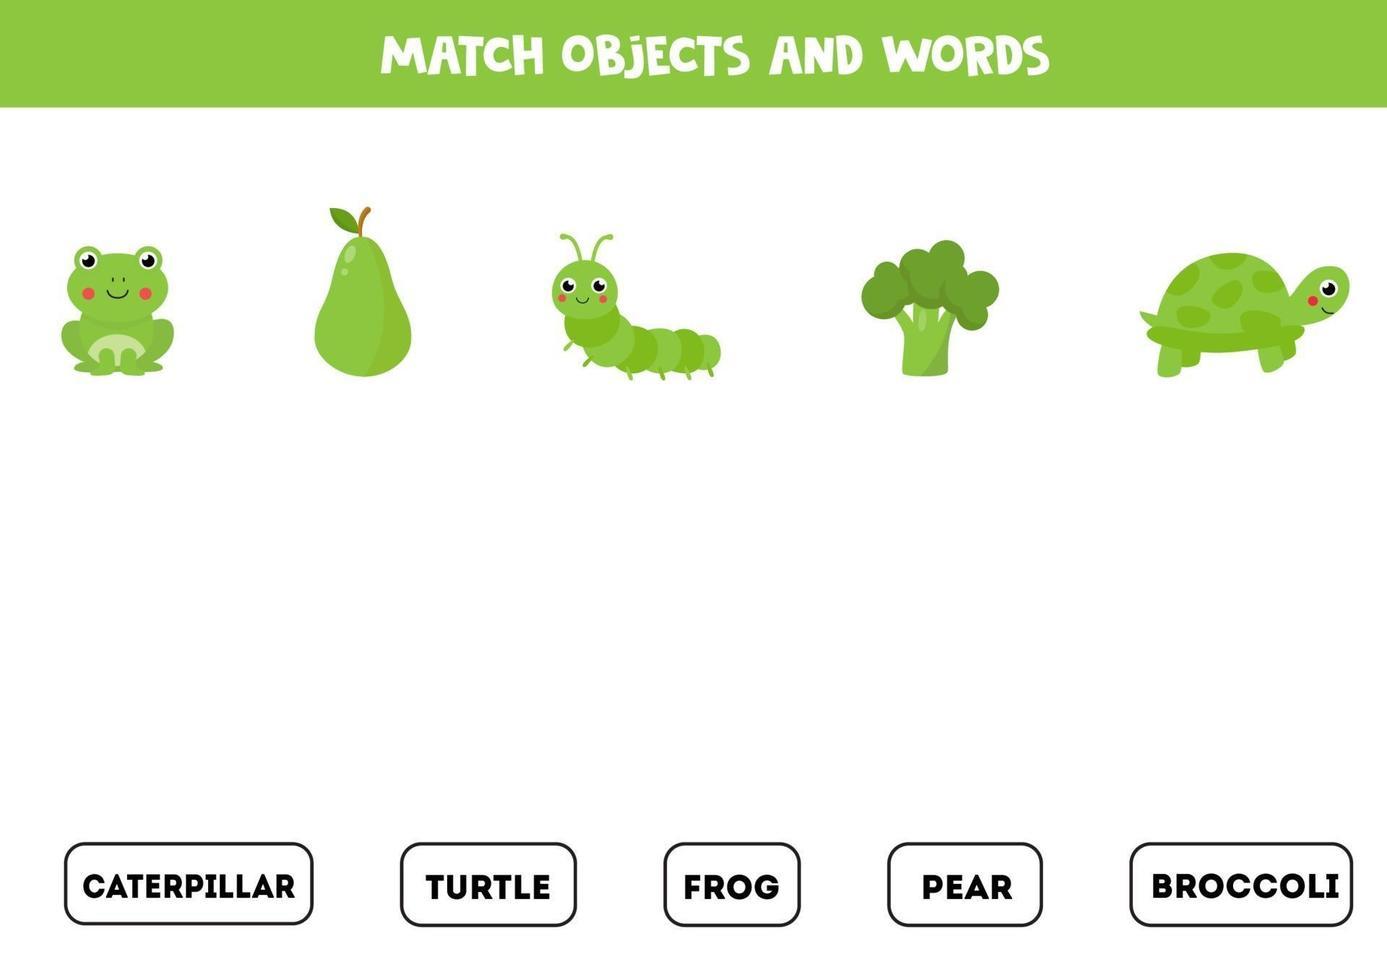 gioco di abbinamento con oggetti verdi colorati. gioco logico. vettore